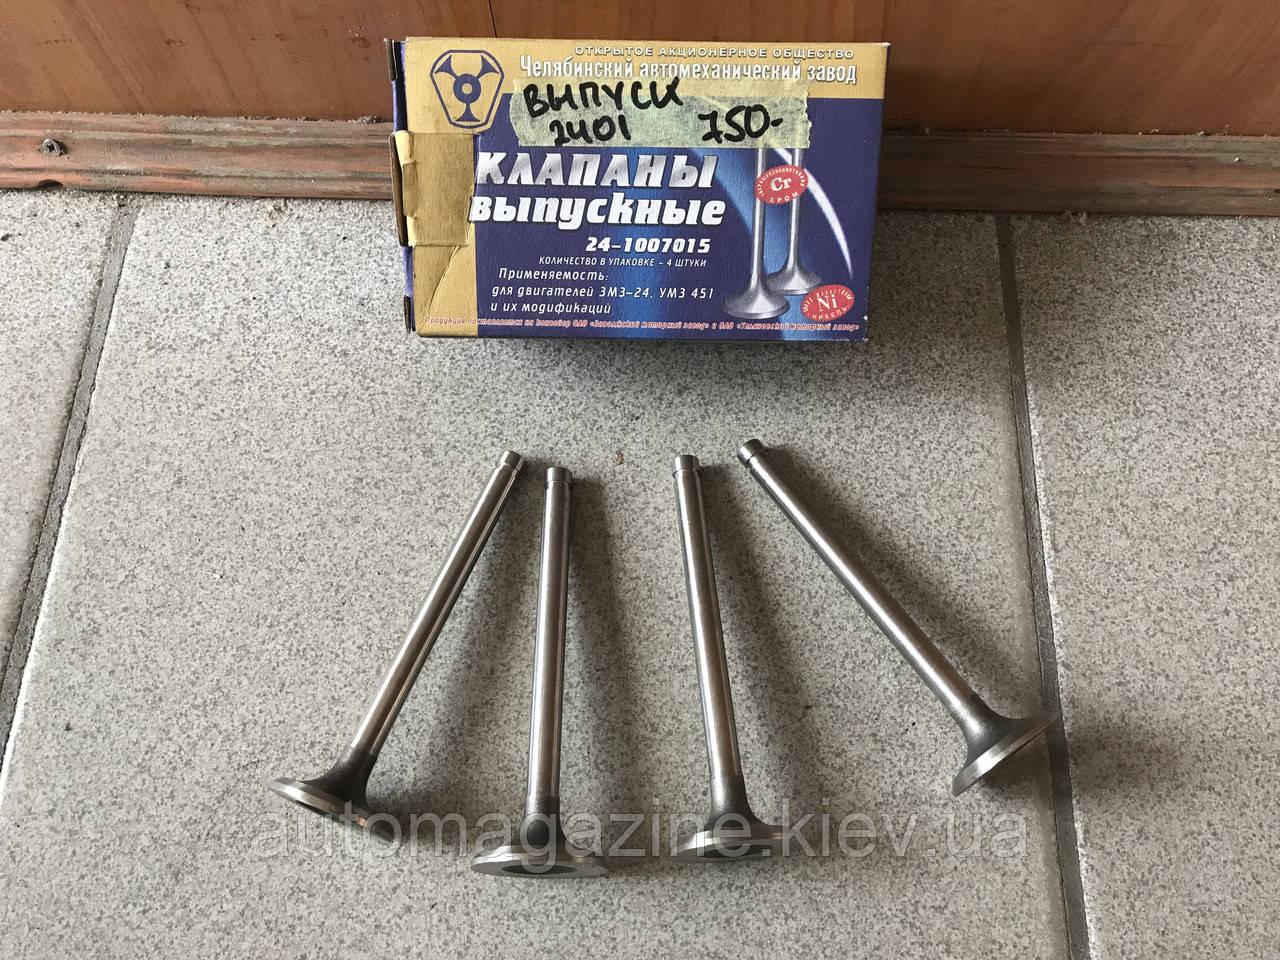 Клапаны выпускные УАЗ, ГАЗ 2401